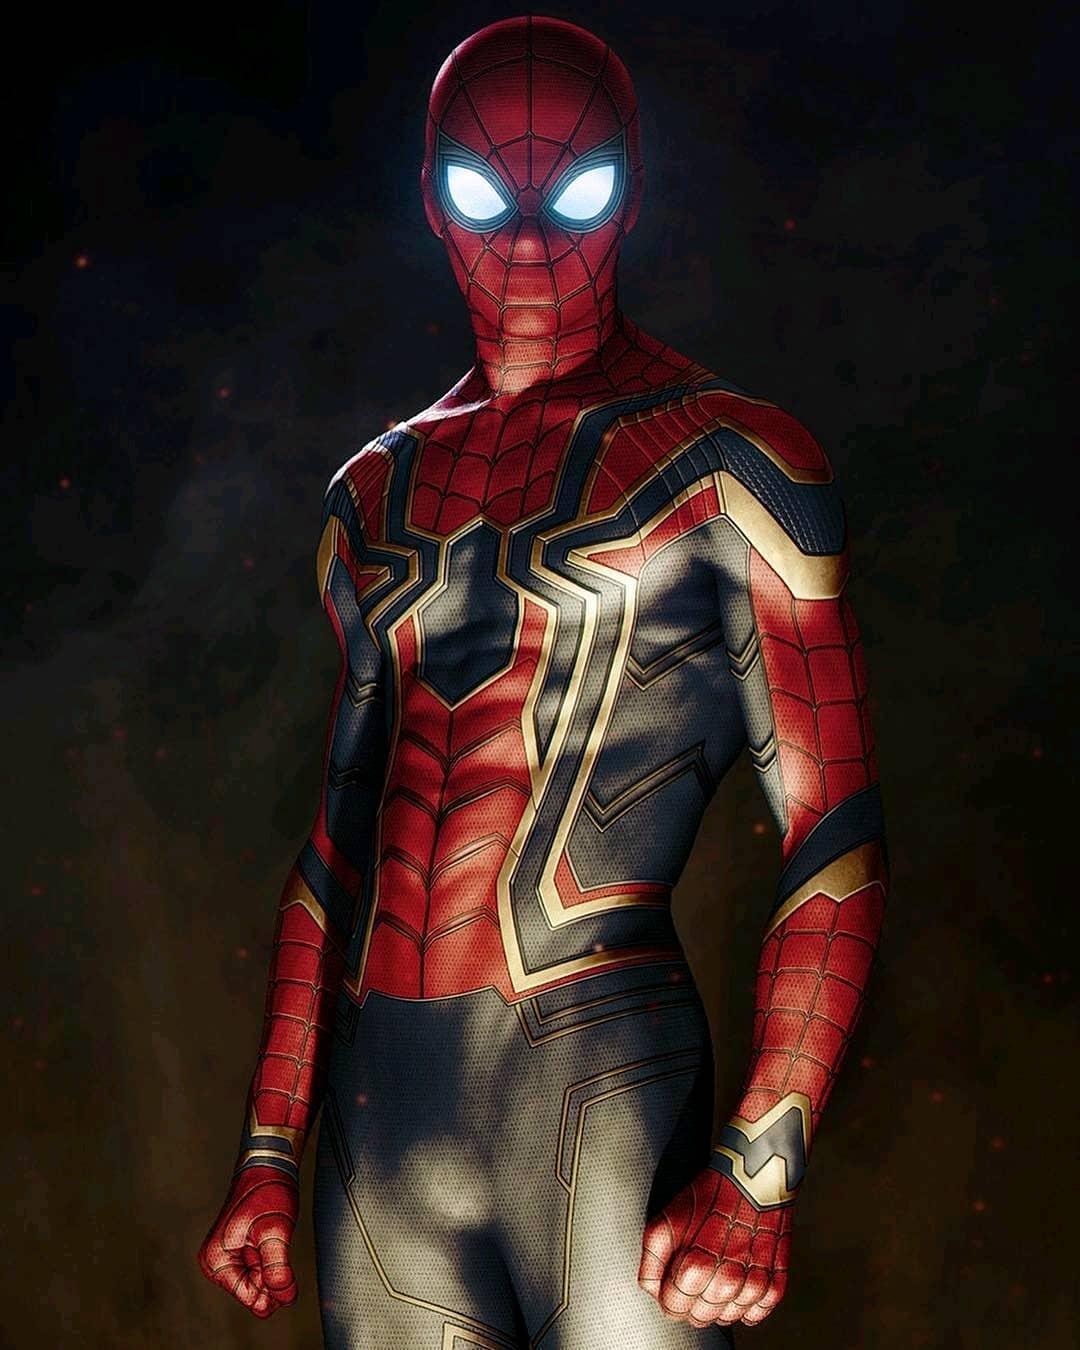 Spider Man Avengers Infinity war The Avengers mobile